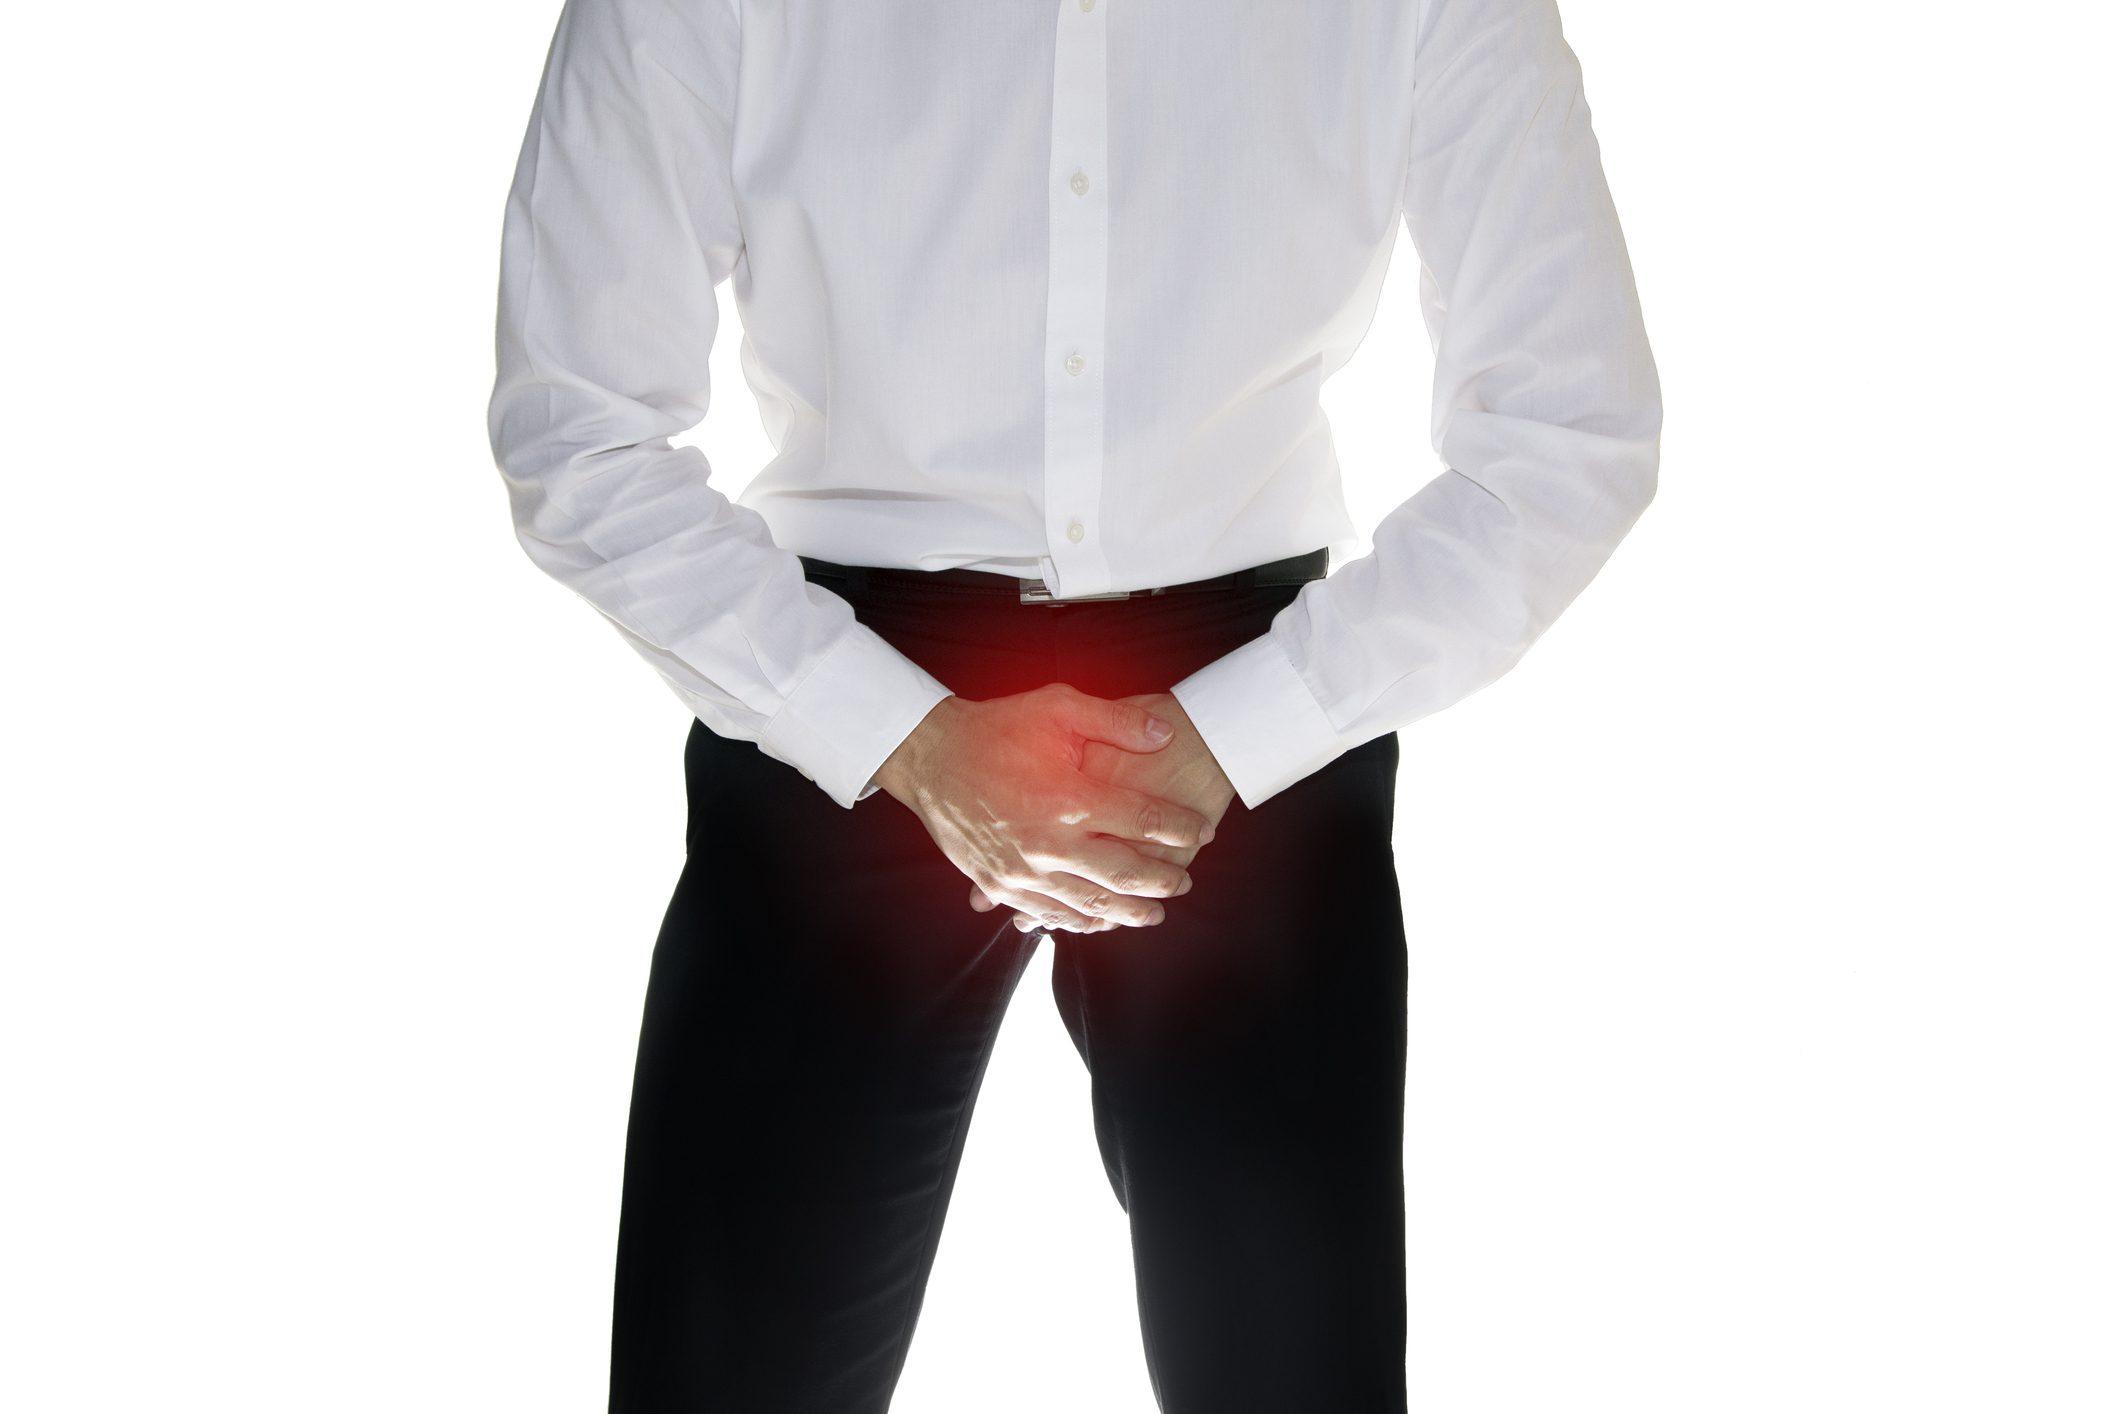 non fare sesso provoca il cancro alla prostata